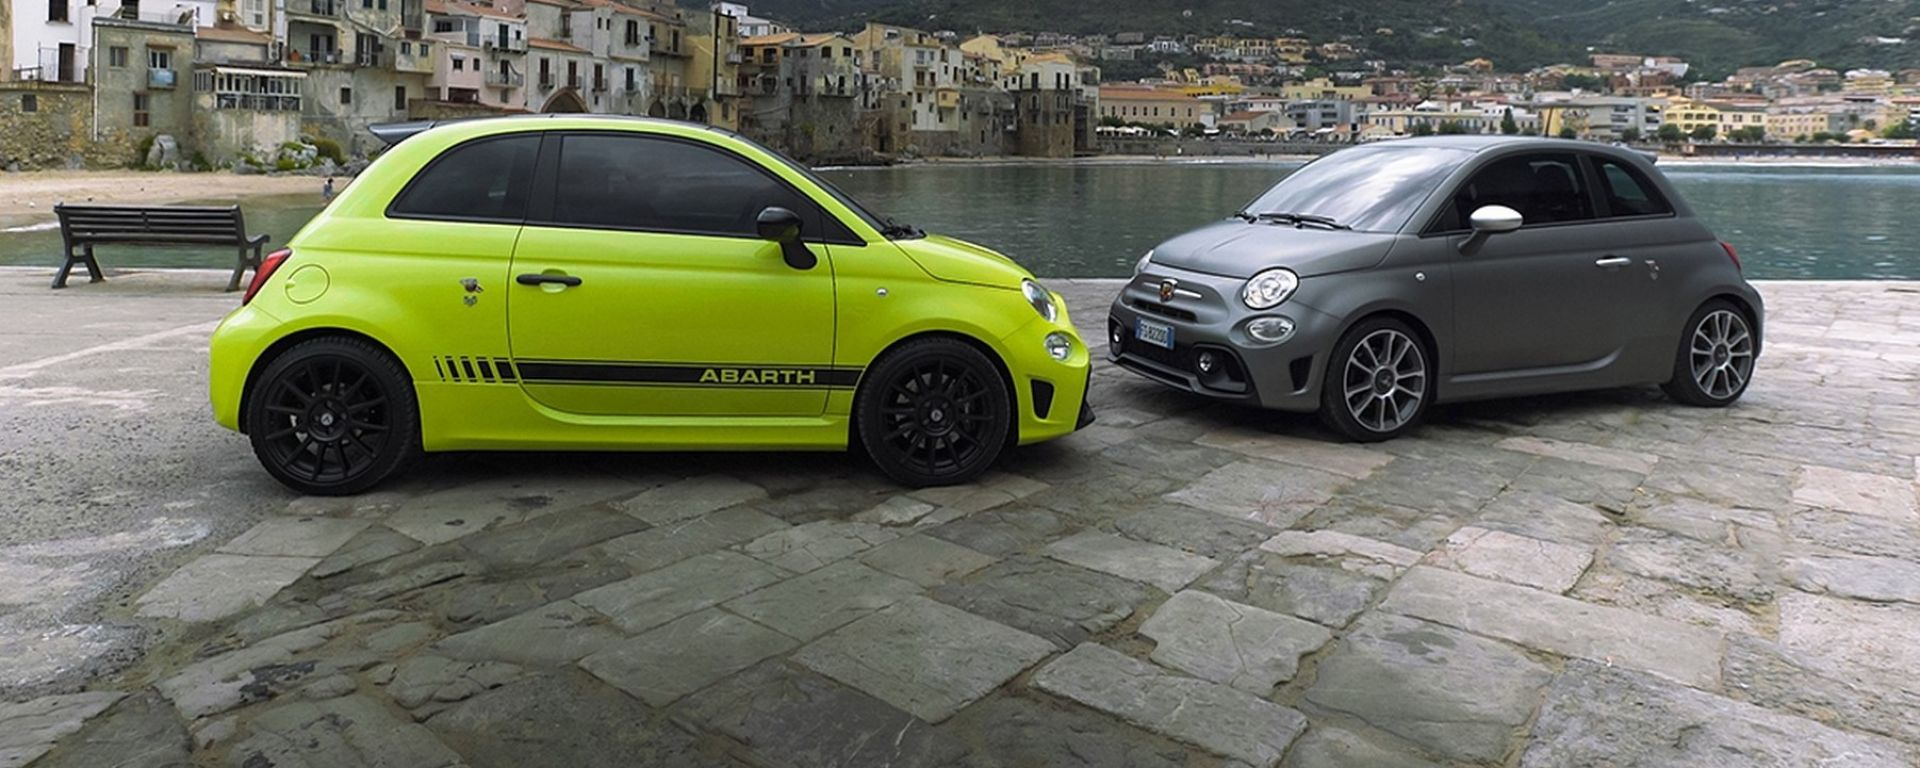 Nuova 500 Abarth 2019 Gamma Motori Versioni Potenza Scarico